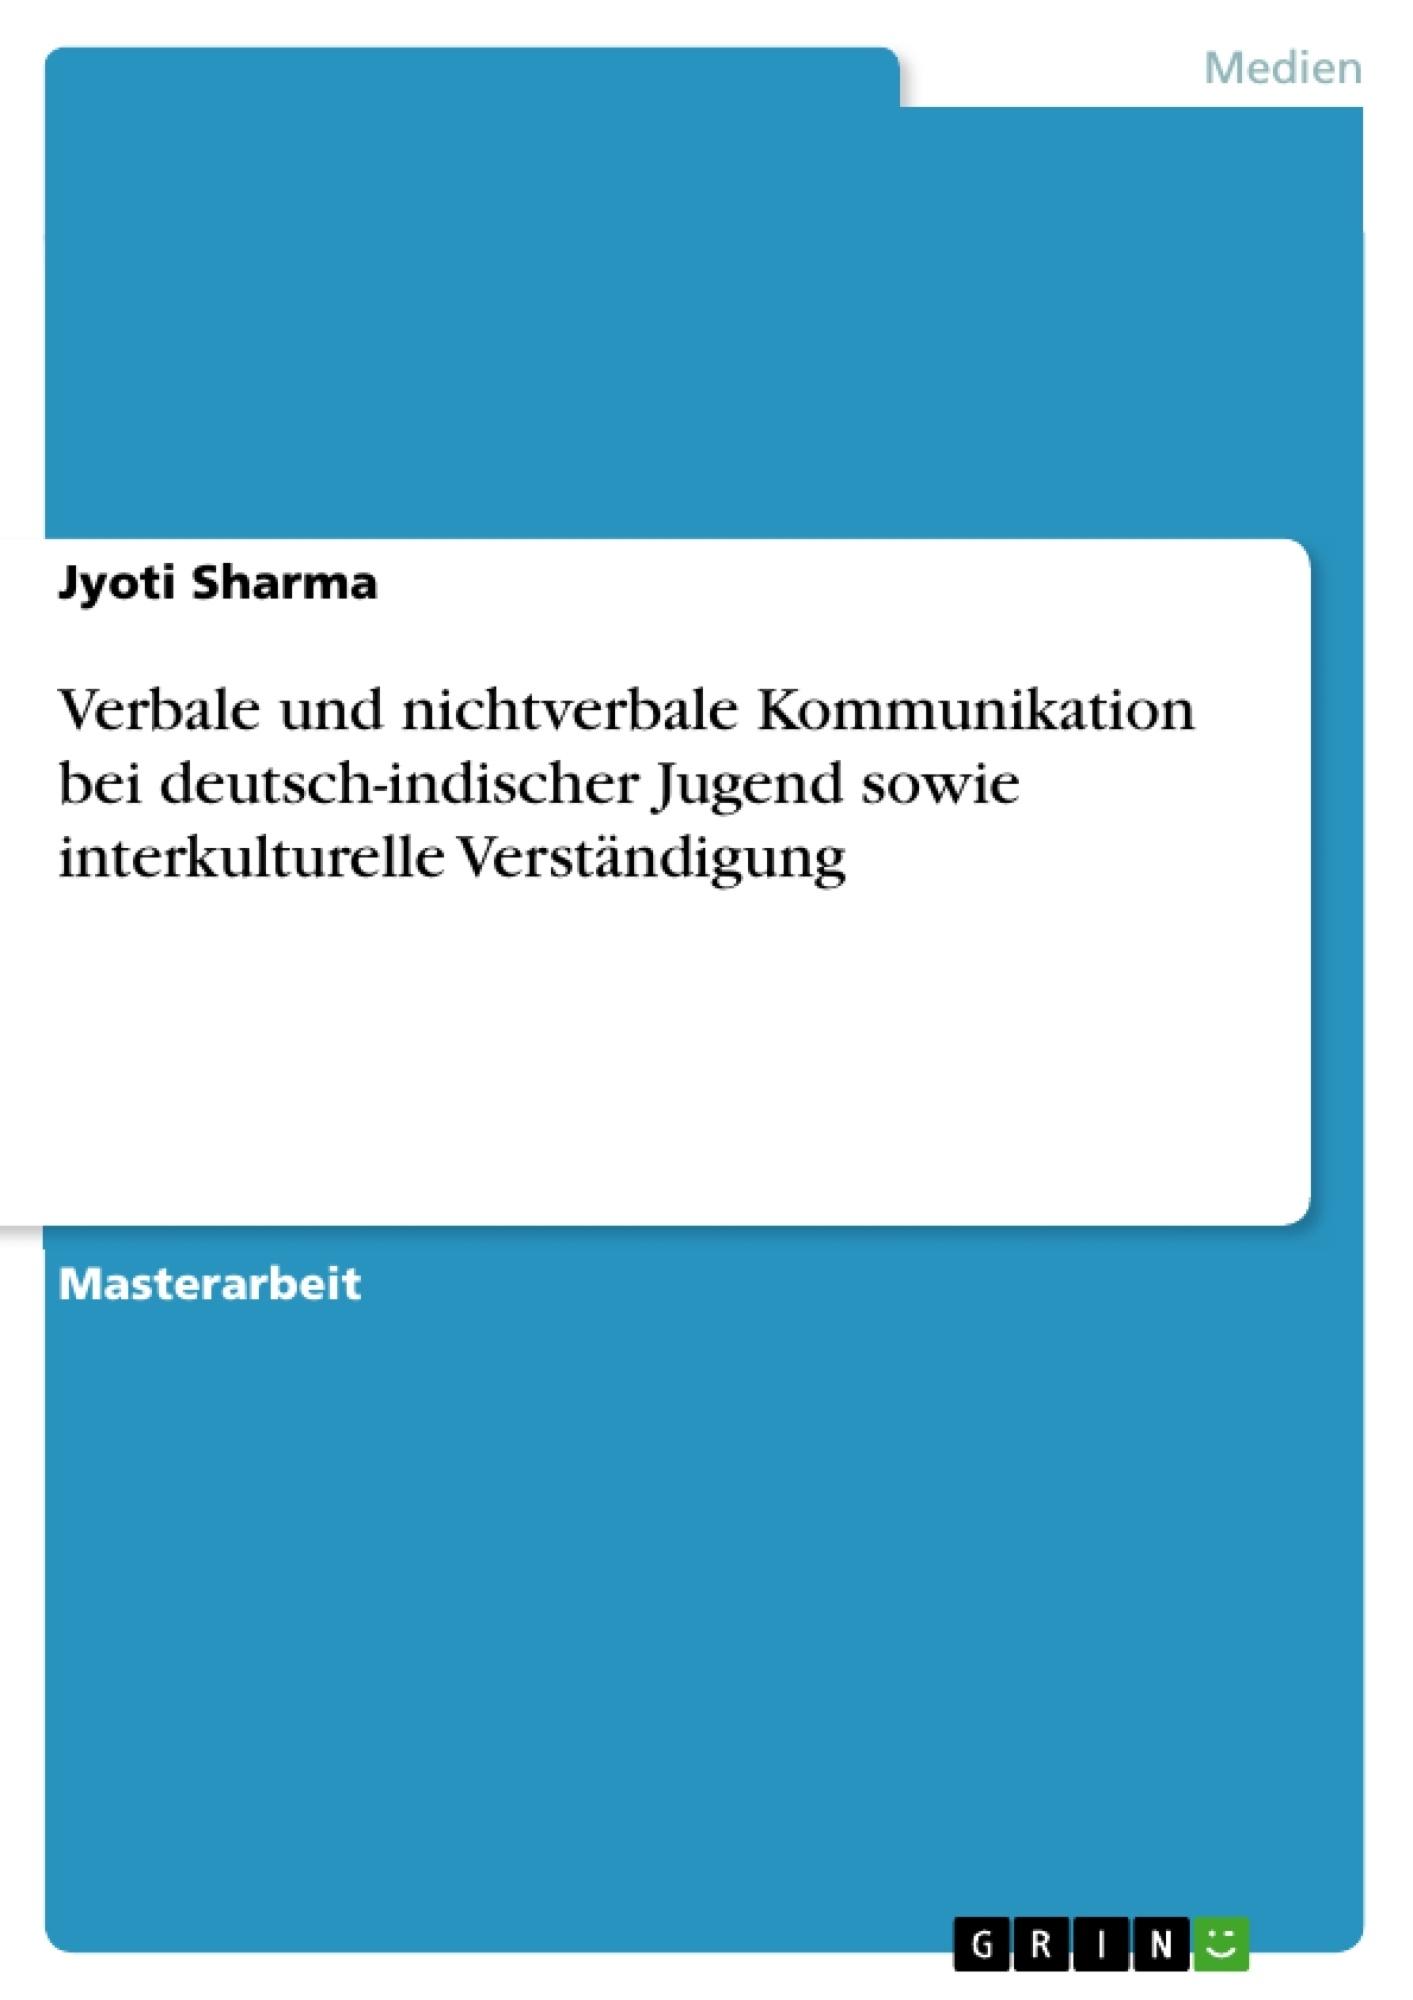 Titel: Verbale und nichtverbale Kommunikation bei deutsch-indischer Jugend sowie interkulturelle Verständigung